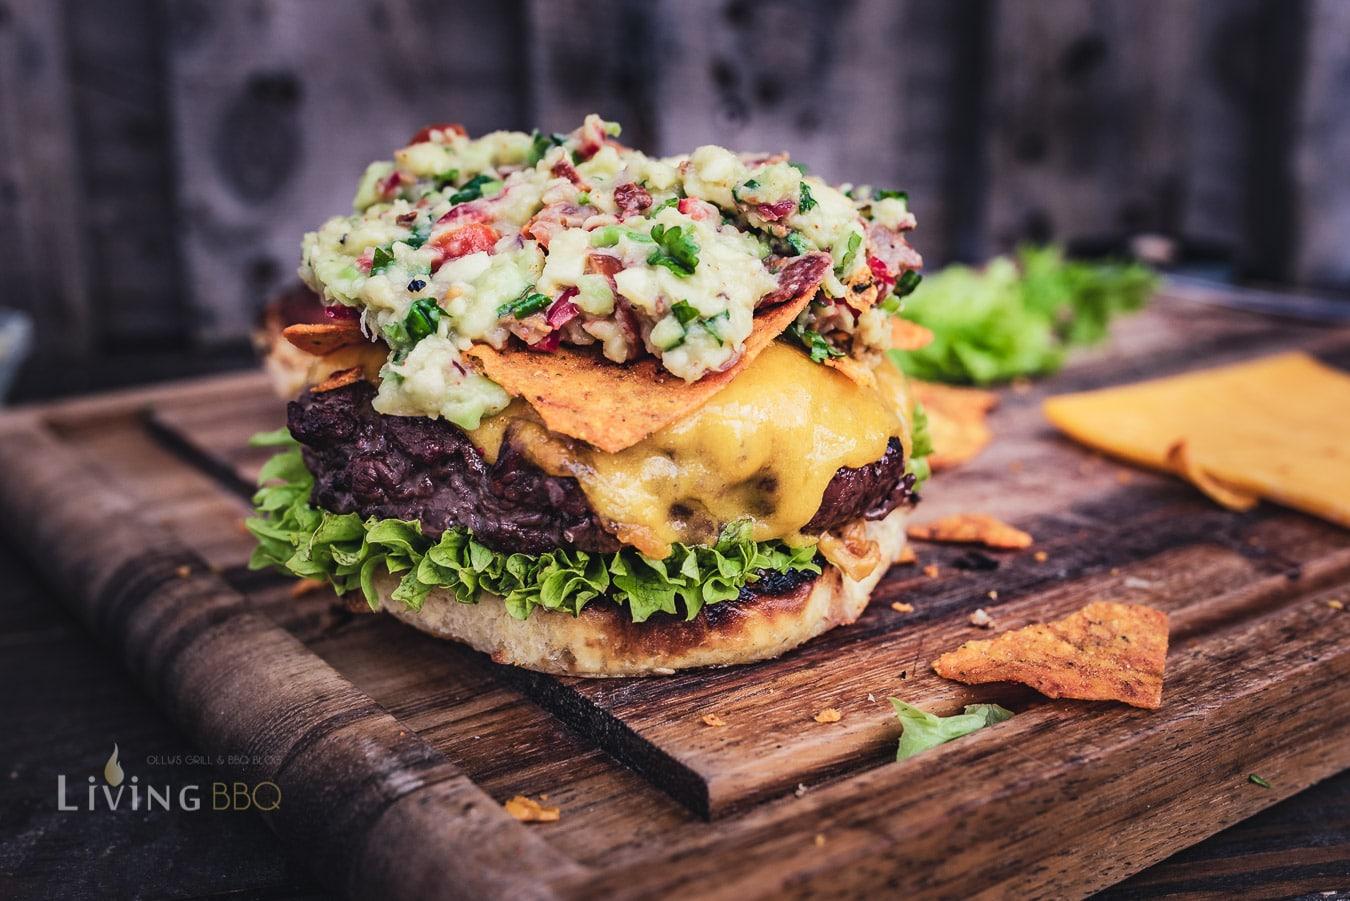 Zusammenbau des Guacamole Burger